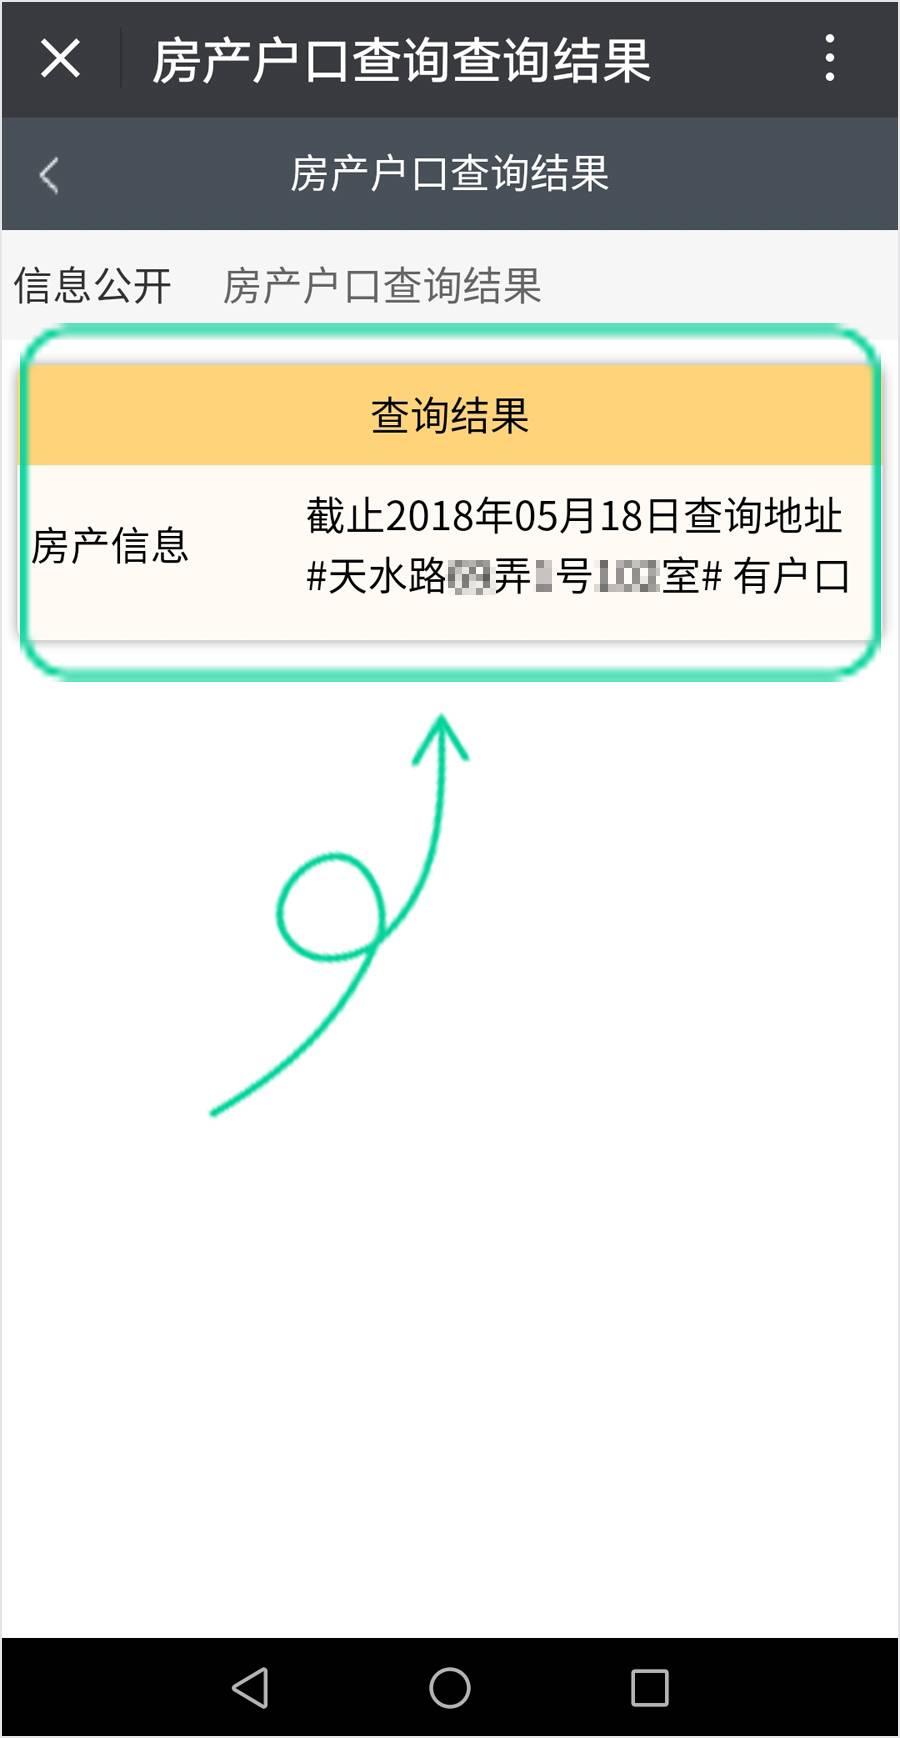 上海二手房是否挂靠户口,微信快速查询